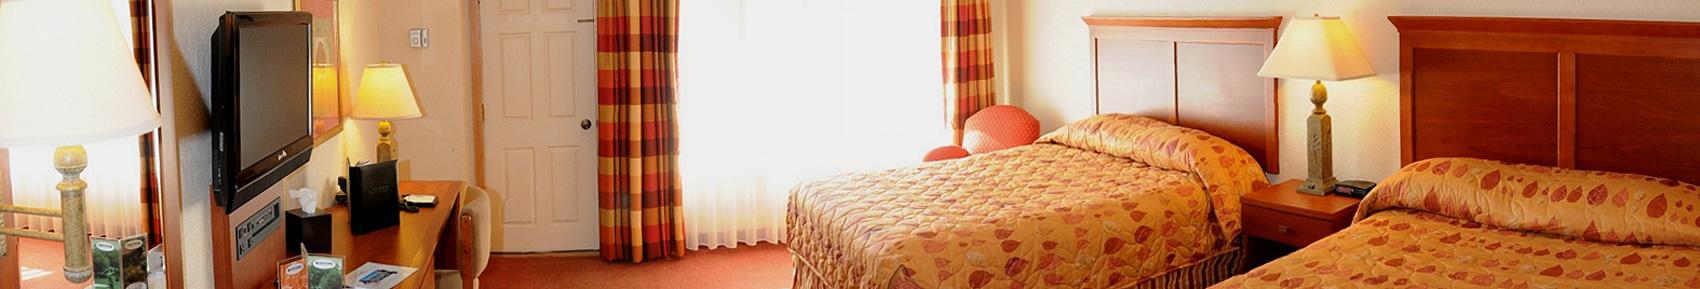 hotel-queen